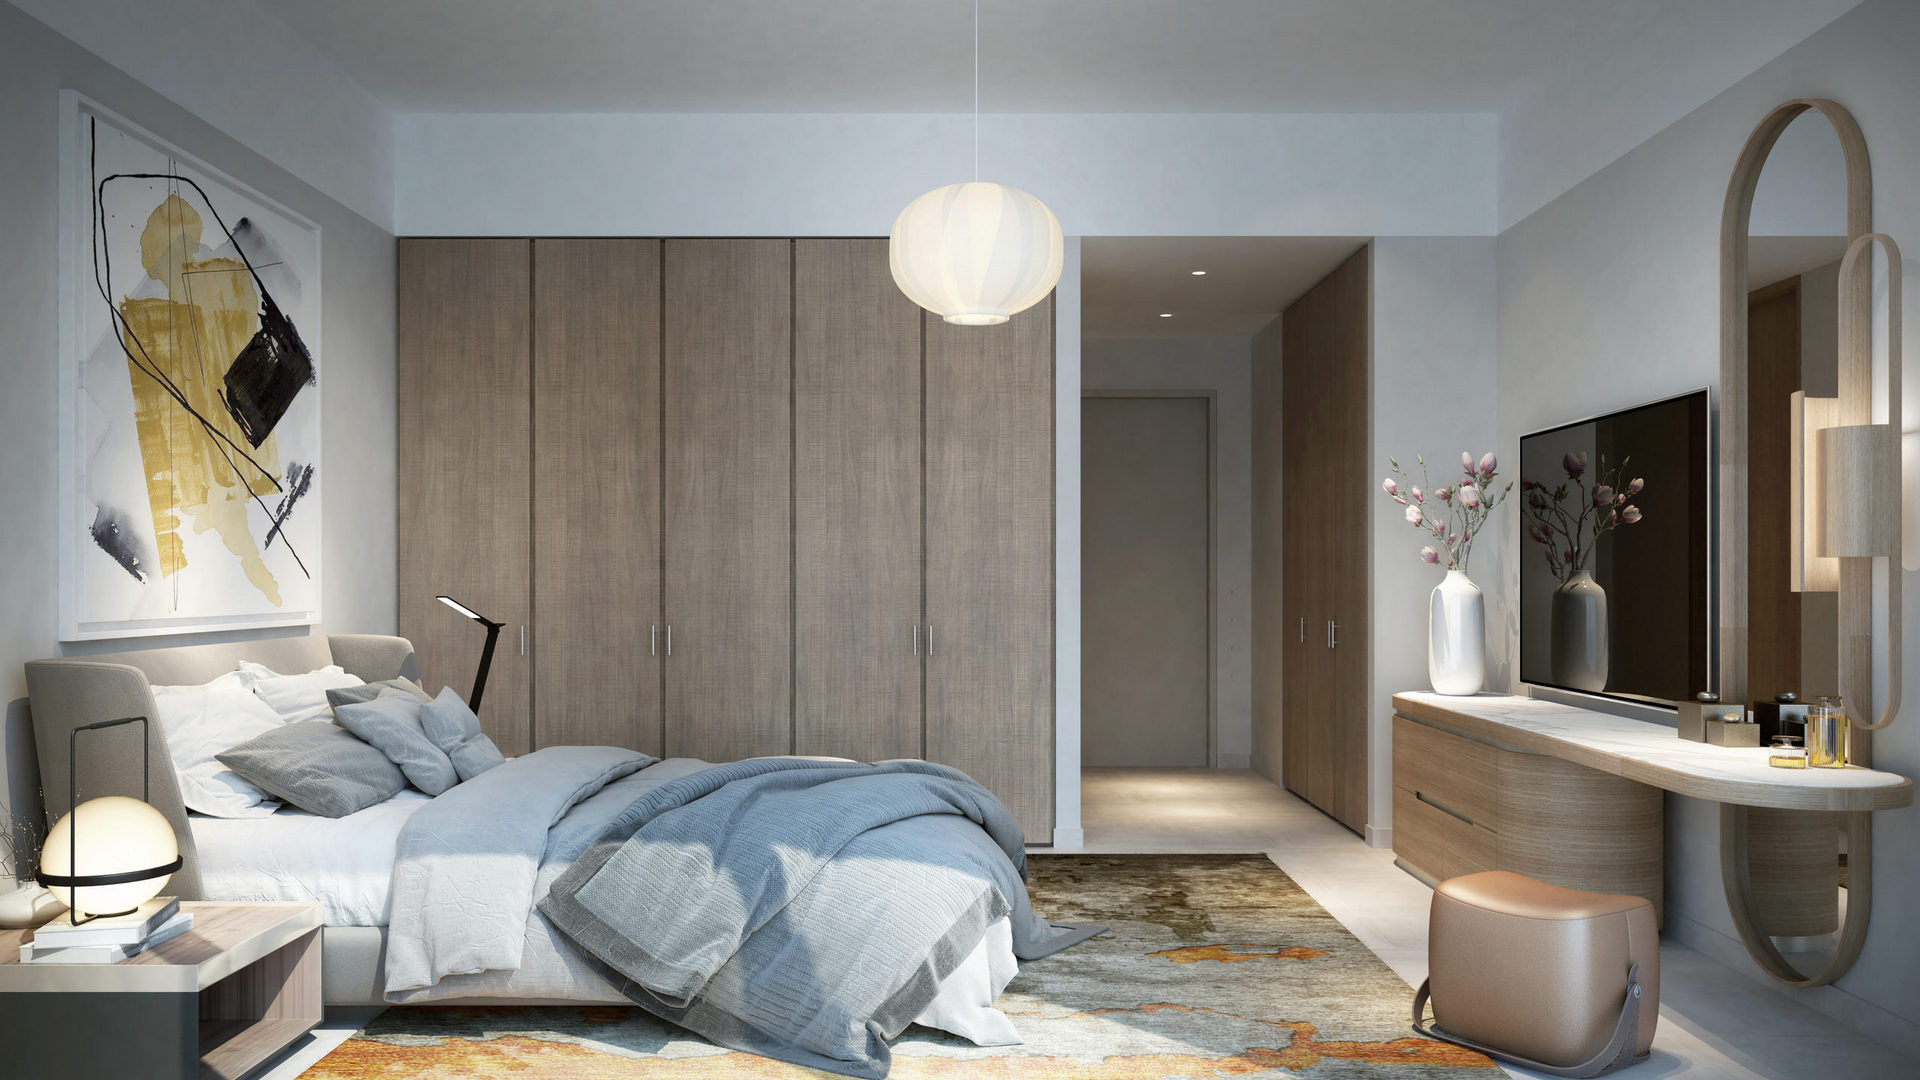 Villa en venta en Dubai, EAU, 3 dormitorios, 185 m2, № 24665 – foto 1